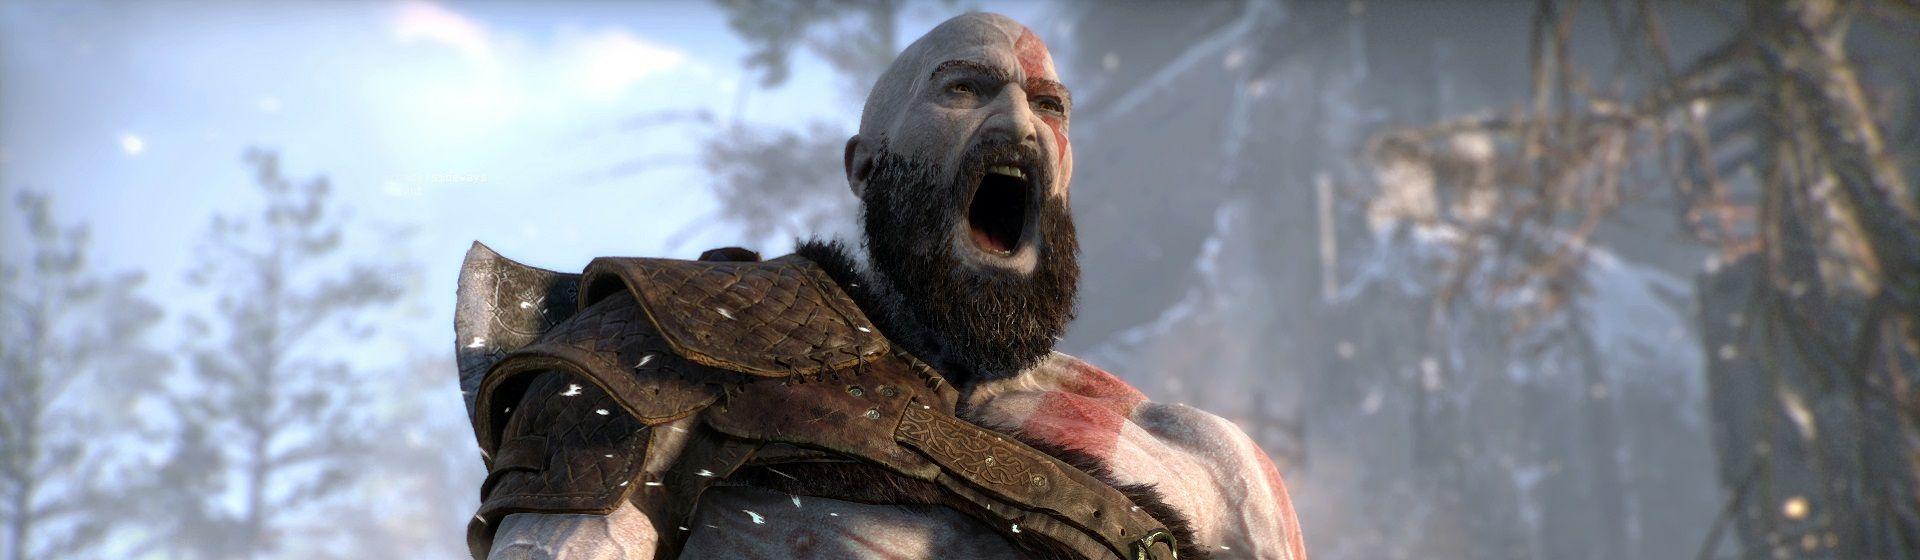 God of War: Ragnarok chega ao PS5 em 2022; veja teaser e o que esperar